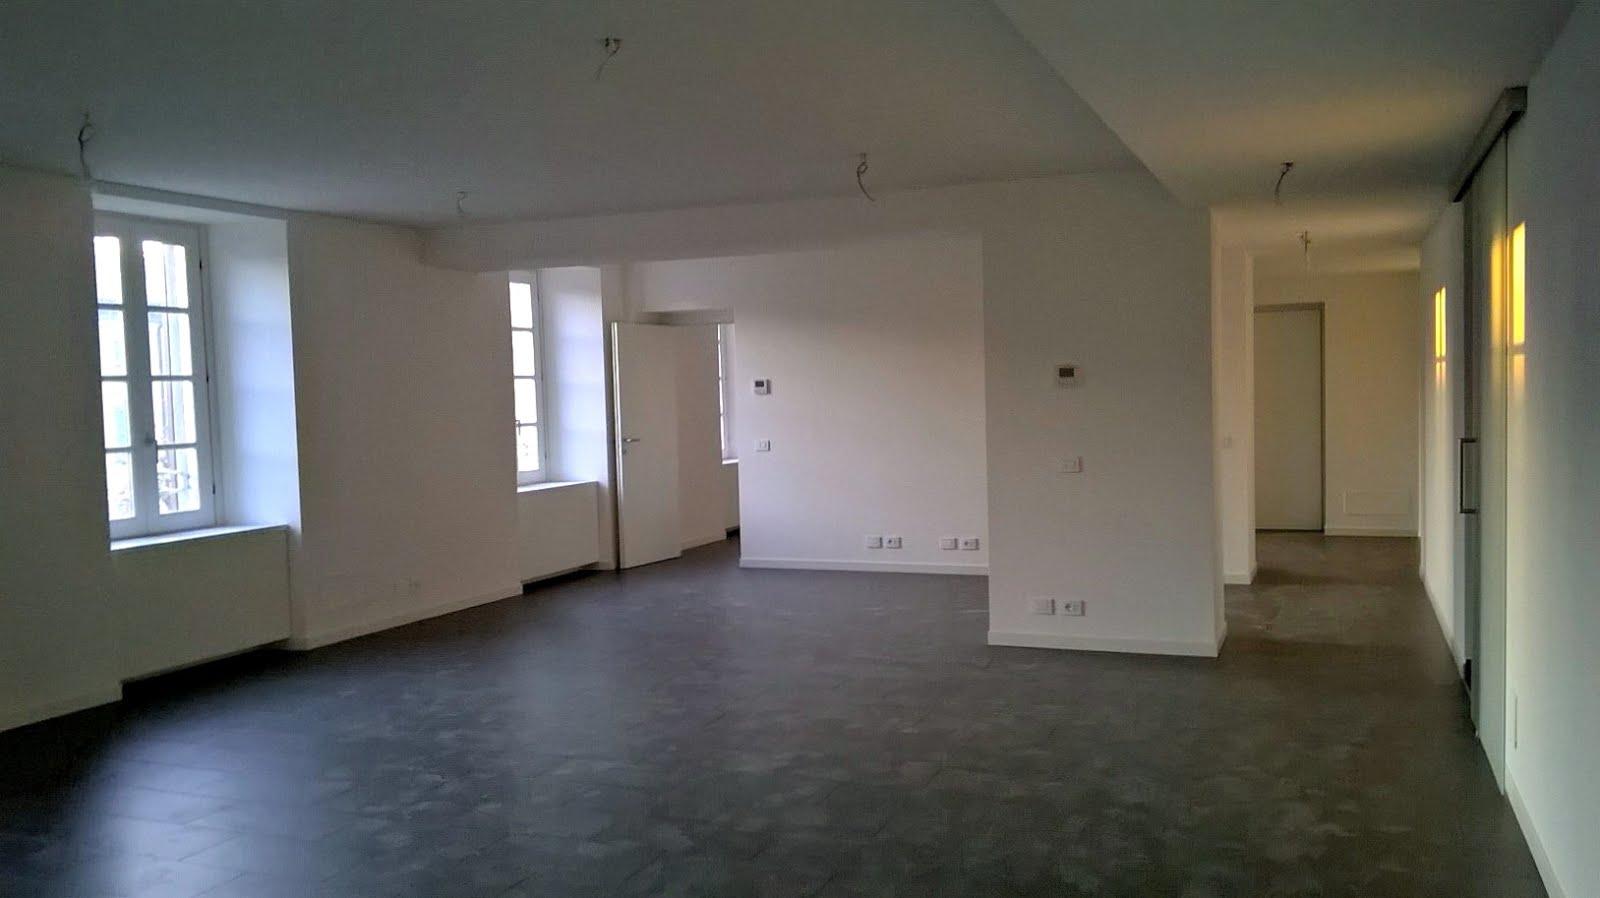 Ufficio affitto bergamo centro via papa giovanni 5 for Appartamenti in affitto bergamo